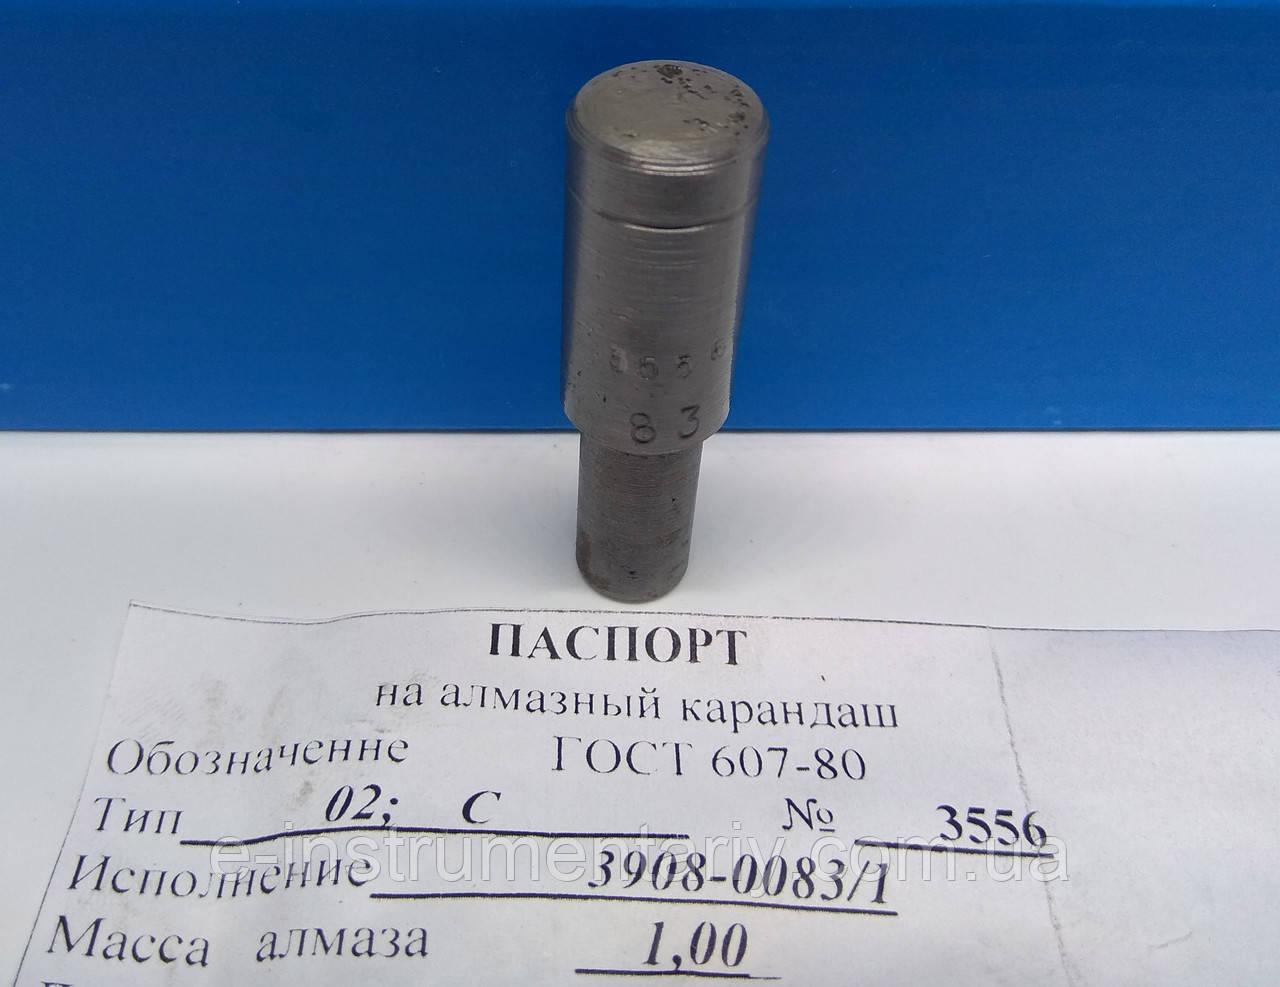 Алмазний олівець 3908-0083/1 тип 02 вик. З 1,0 карат. якість - 1